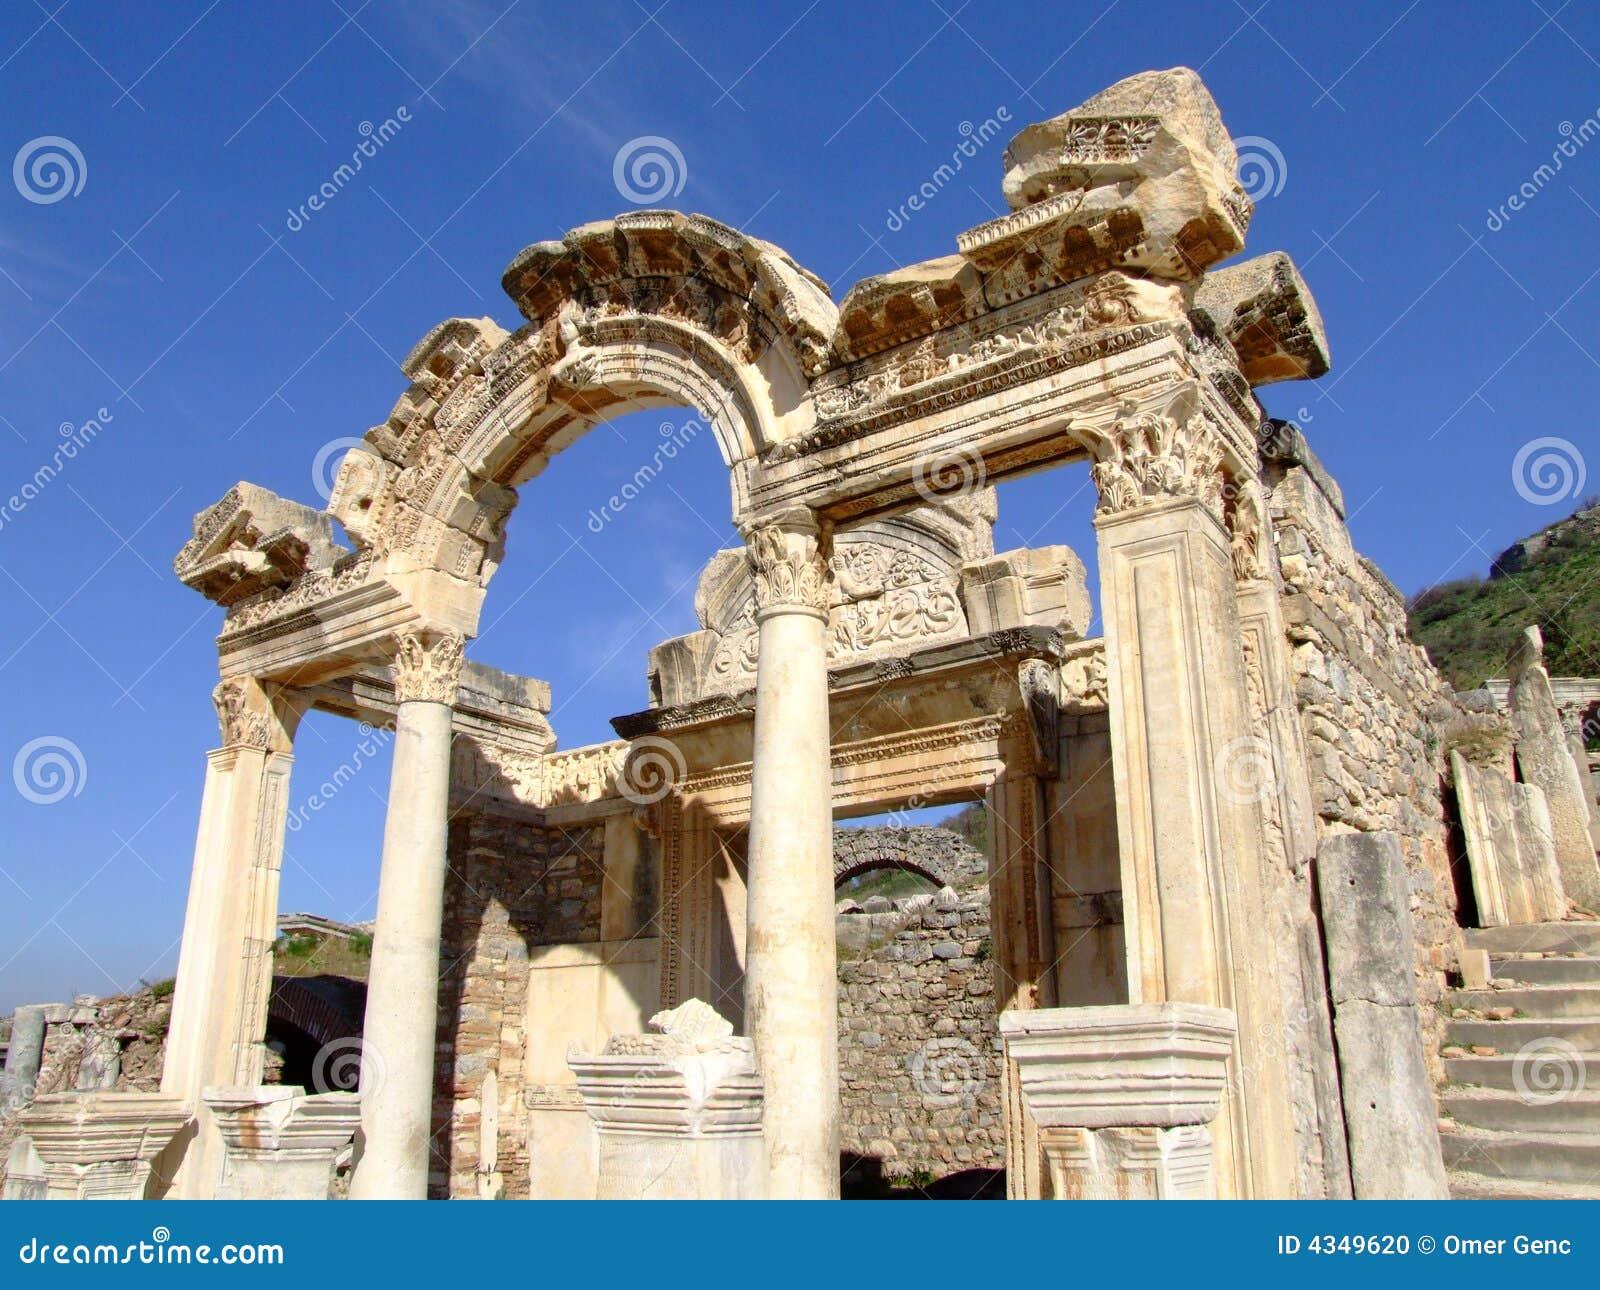 Temple Of Hadrian Stock Photo - Image: 4349620